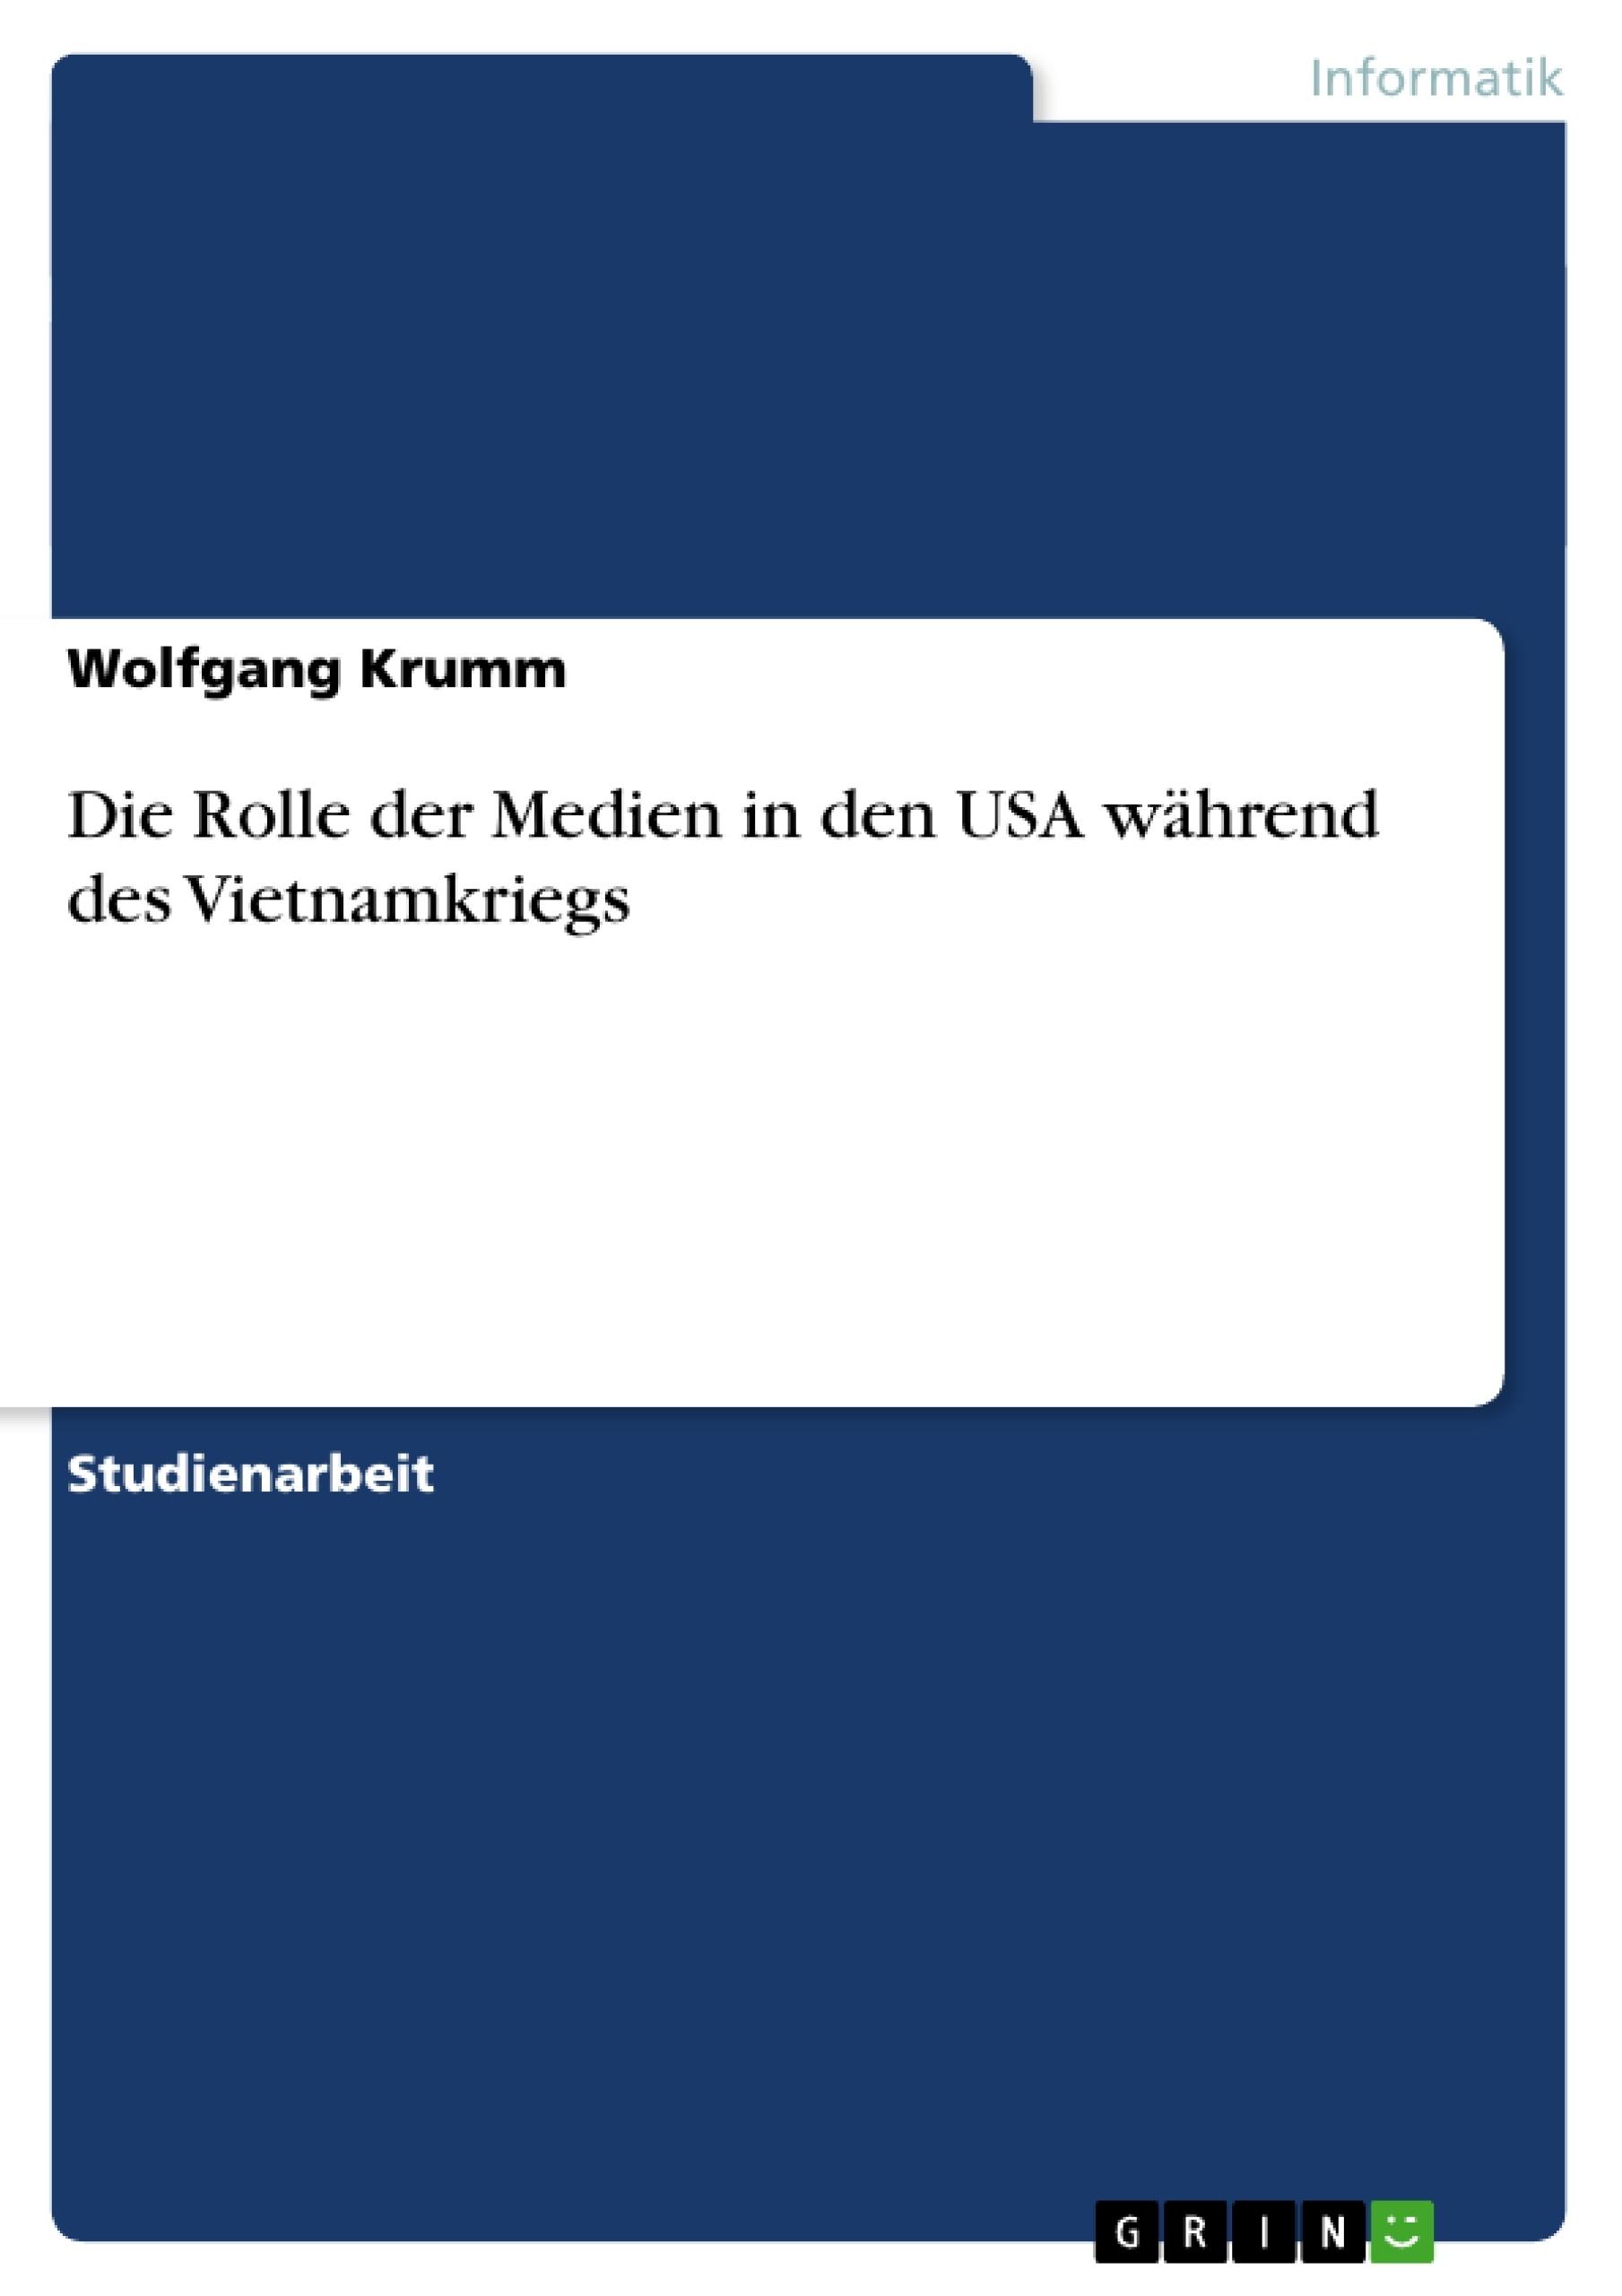 Titel: Die Rolle der Medien in den USA während des Vietnamkriegs